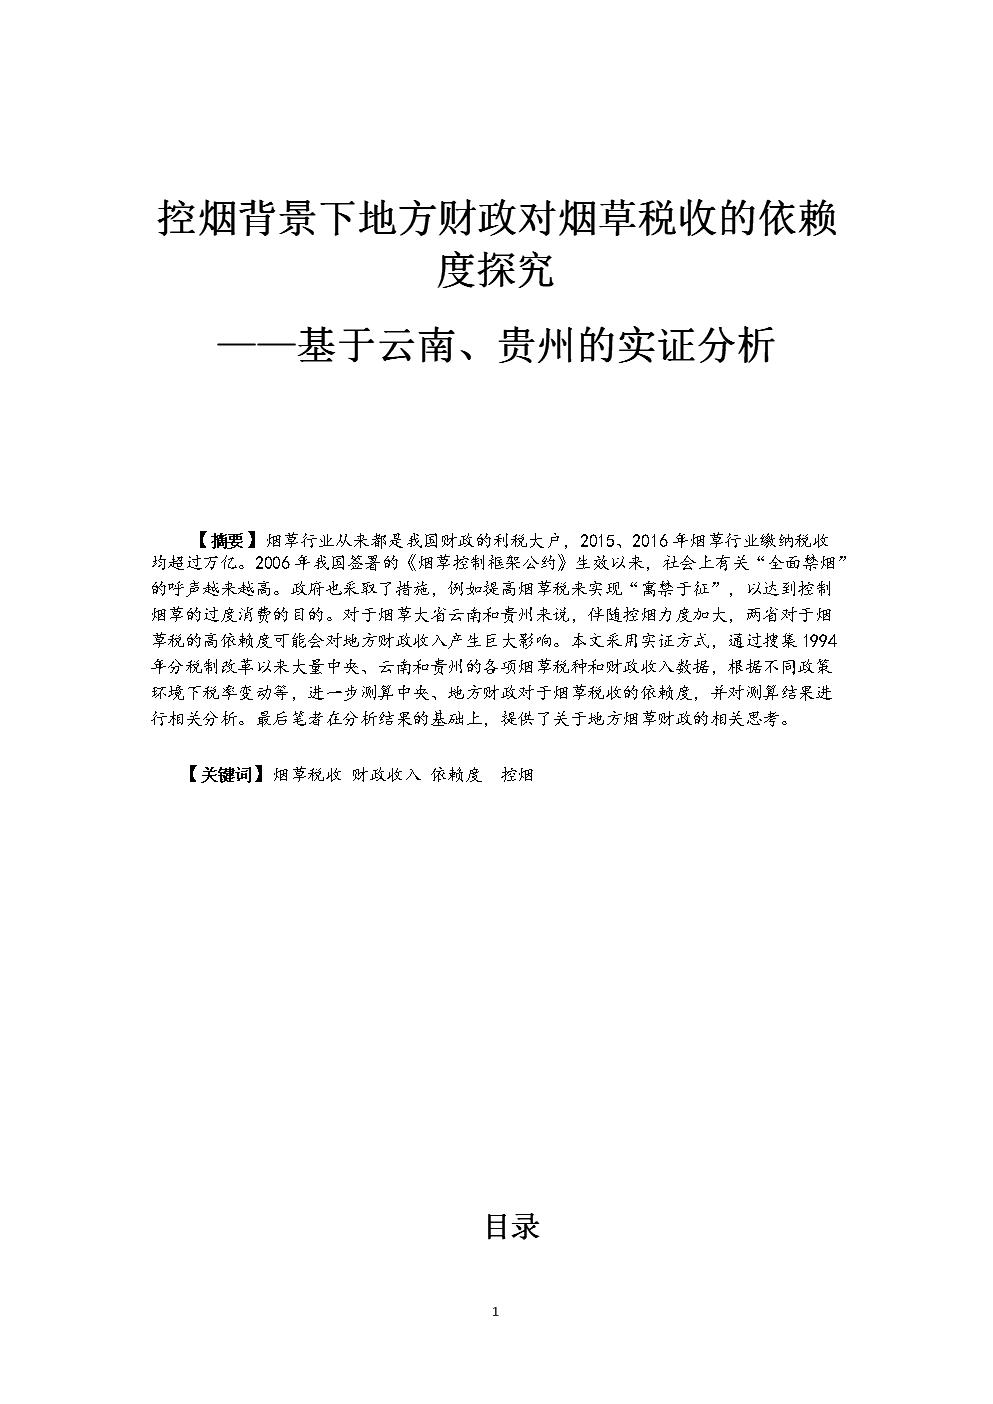 控烟背景下地方财政对烟草税收的依赖度探究——基于云南、贵州的实证分析.doc